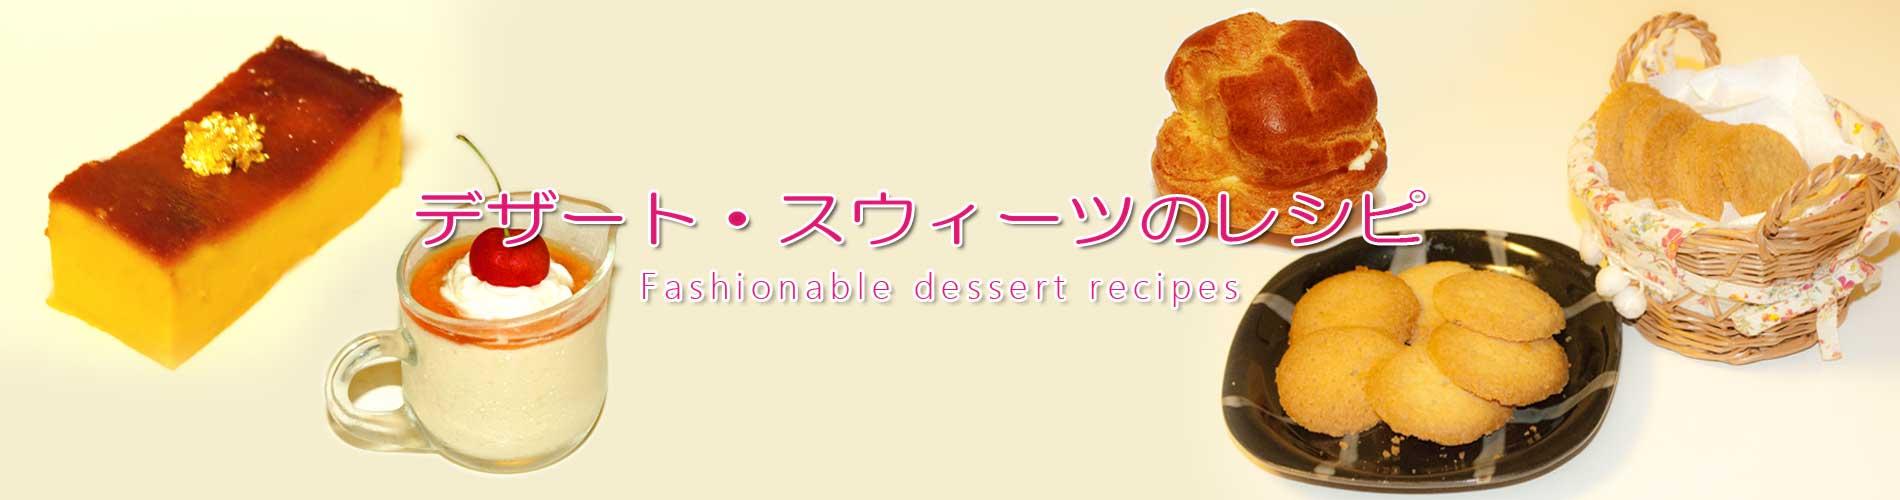 デザート、スイーツのレシピ集